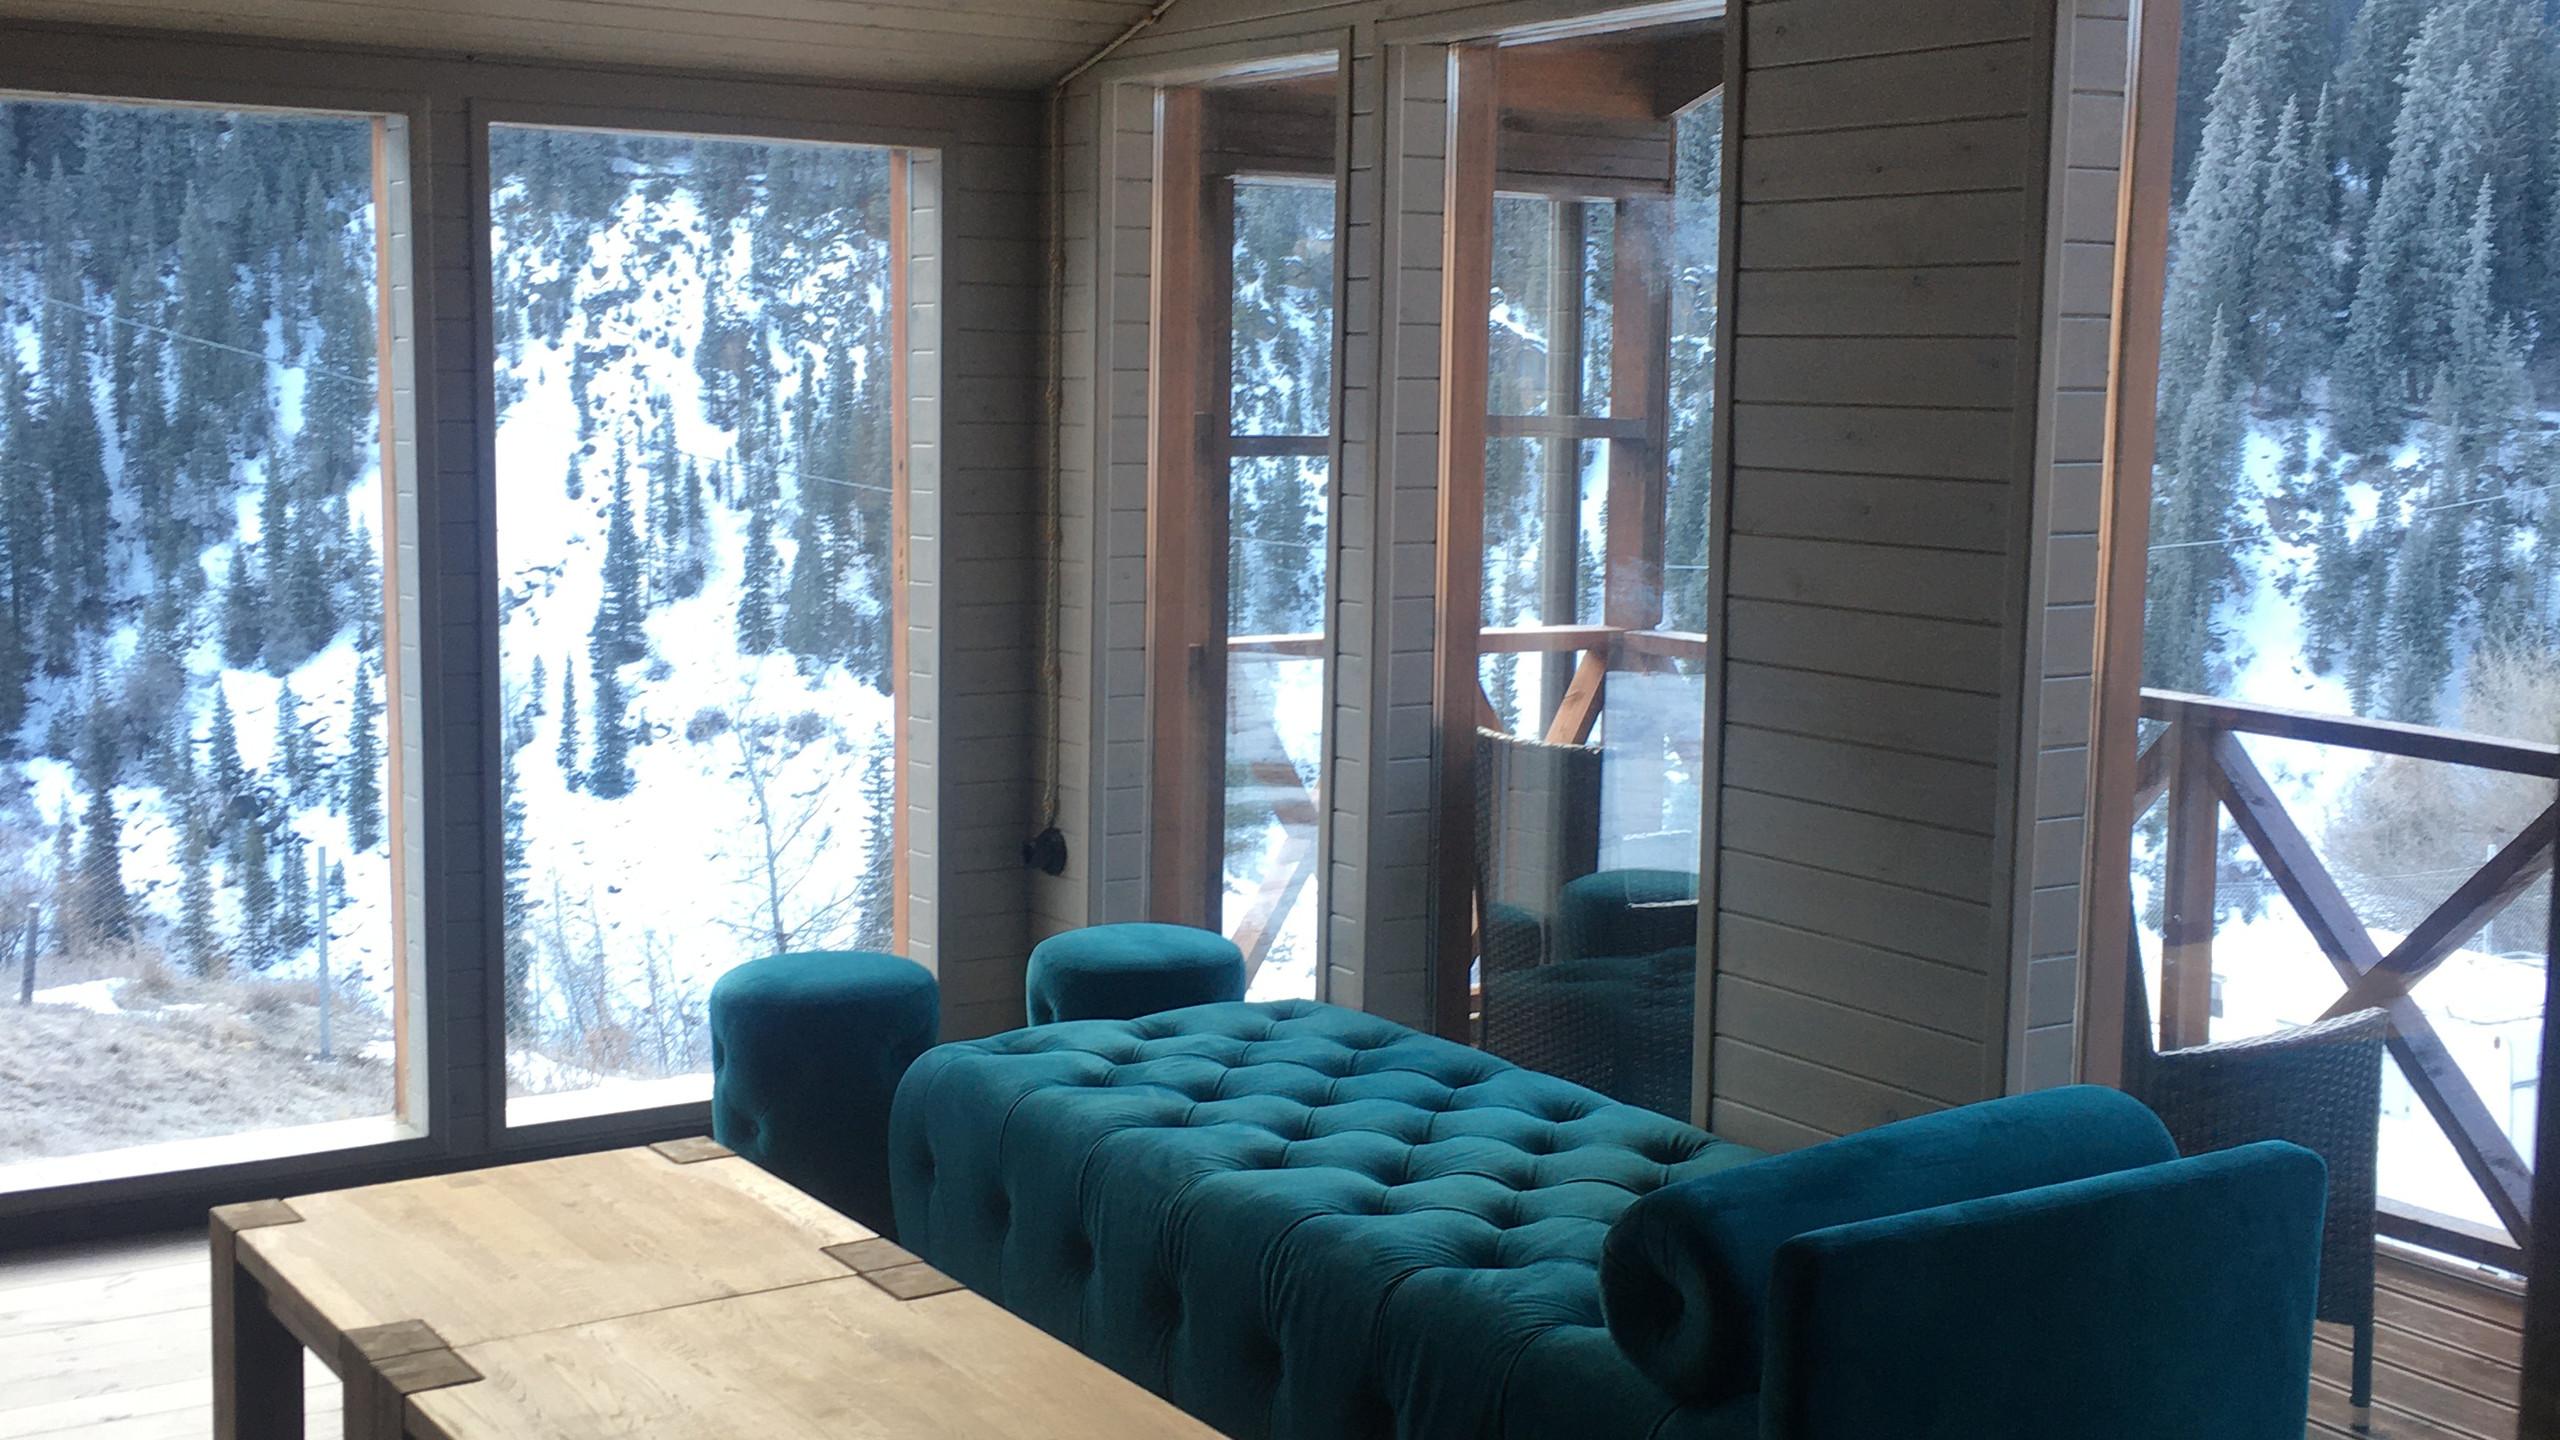 Accomodation at Kolsay Lakes